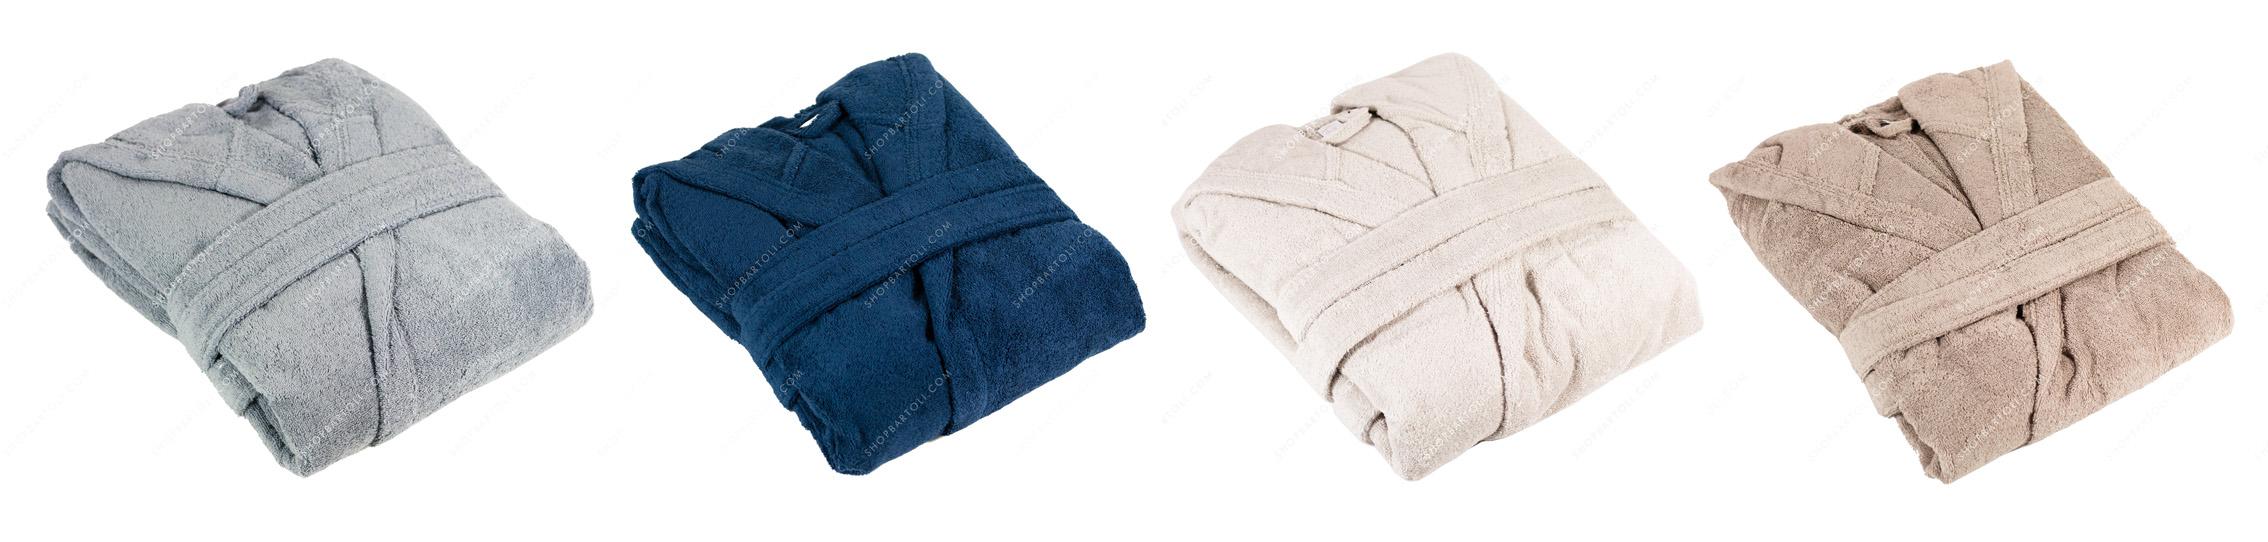 Accappatoi uomo donna, biancheria per la casa e asciugamani